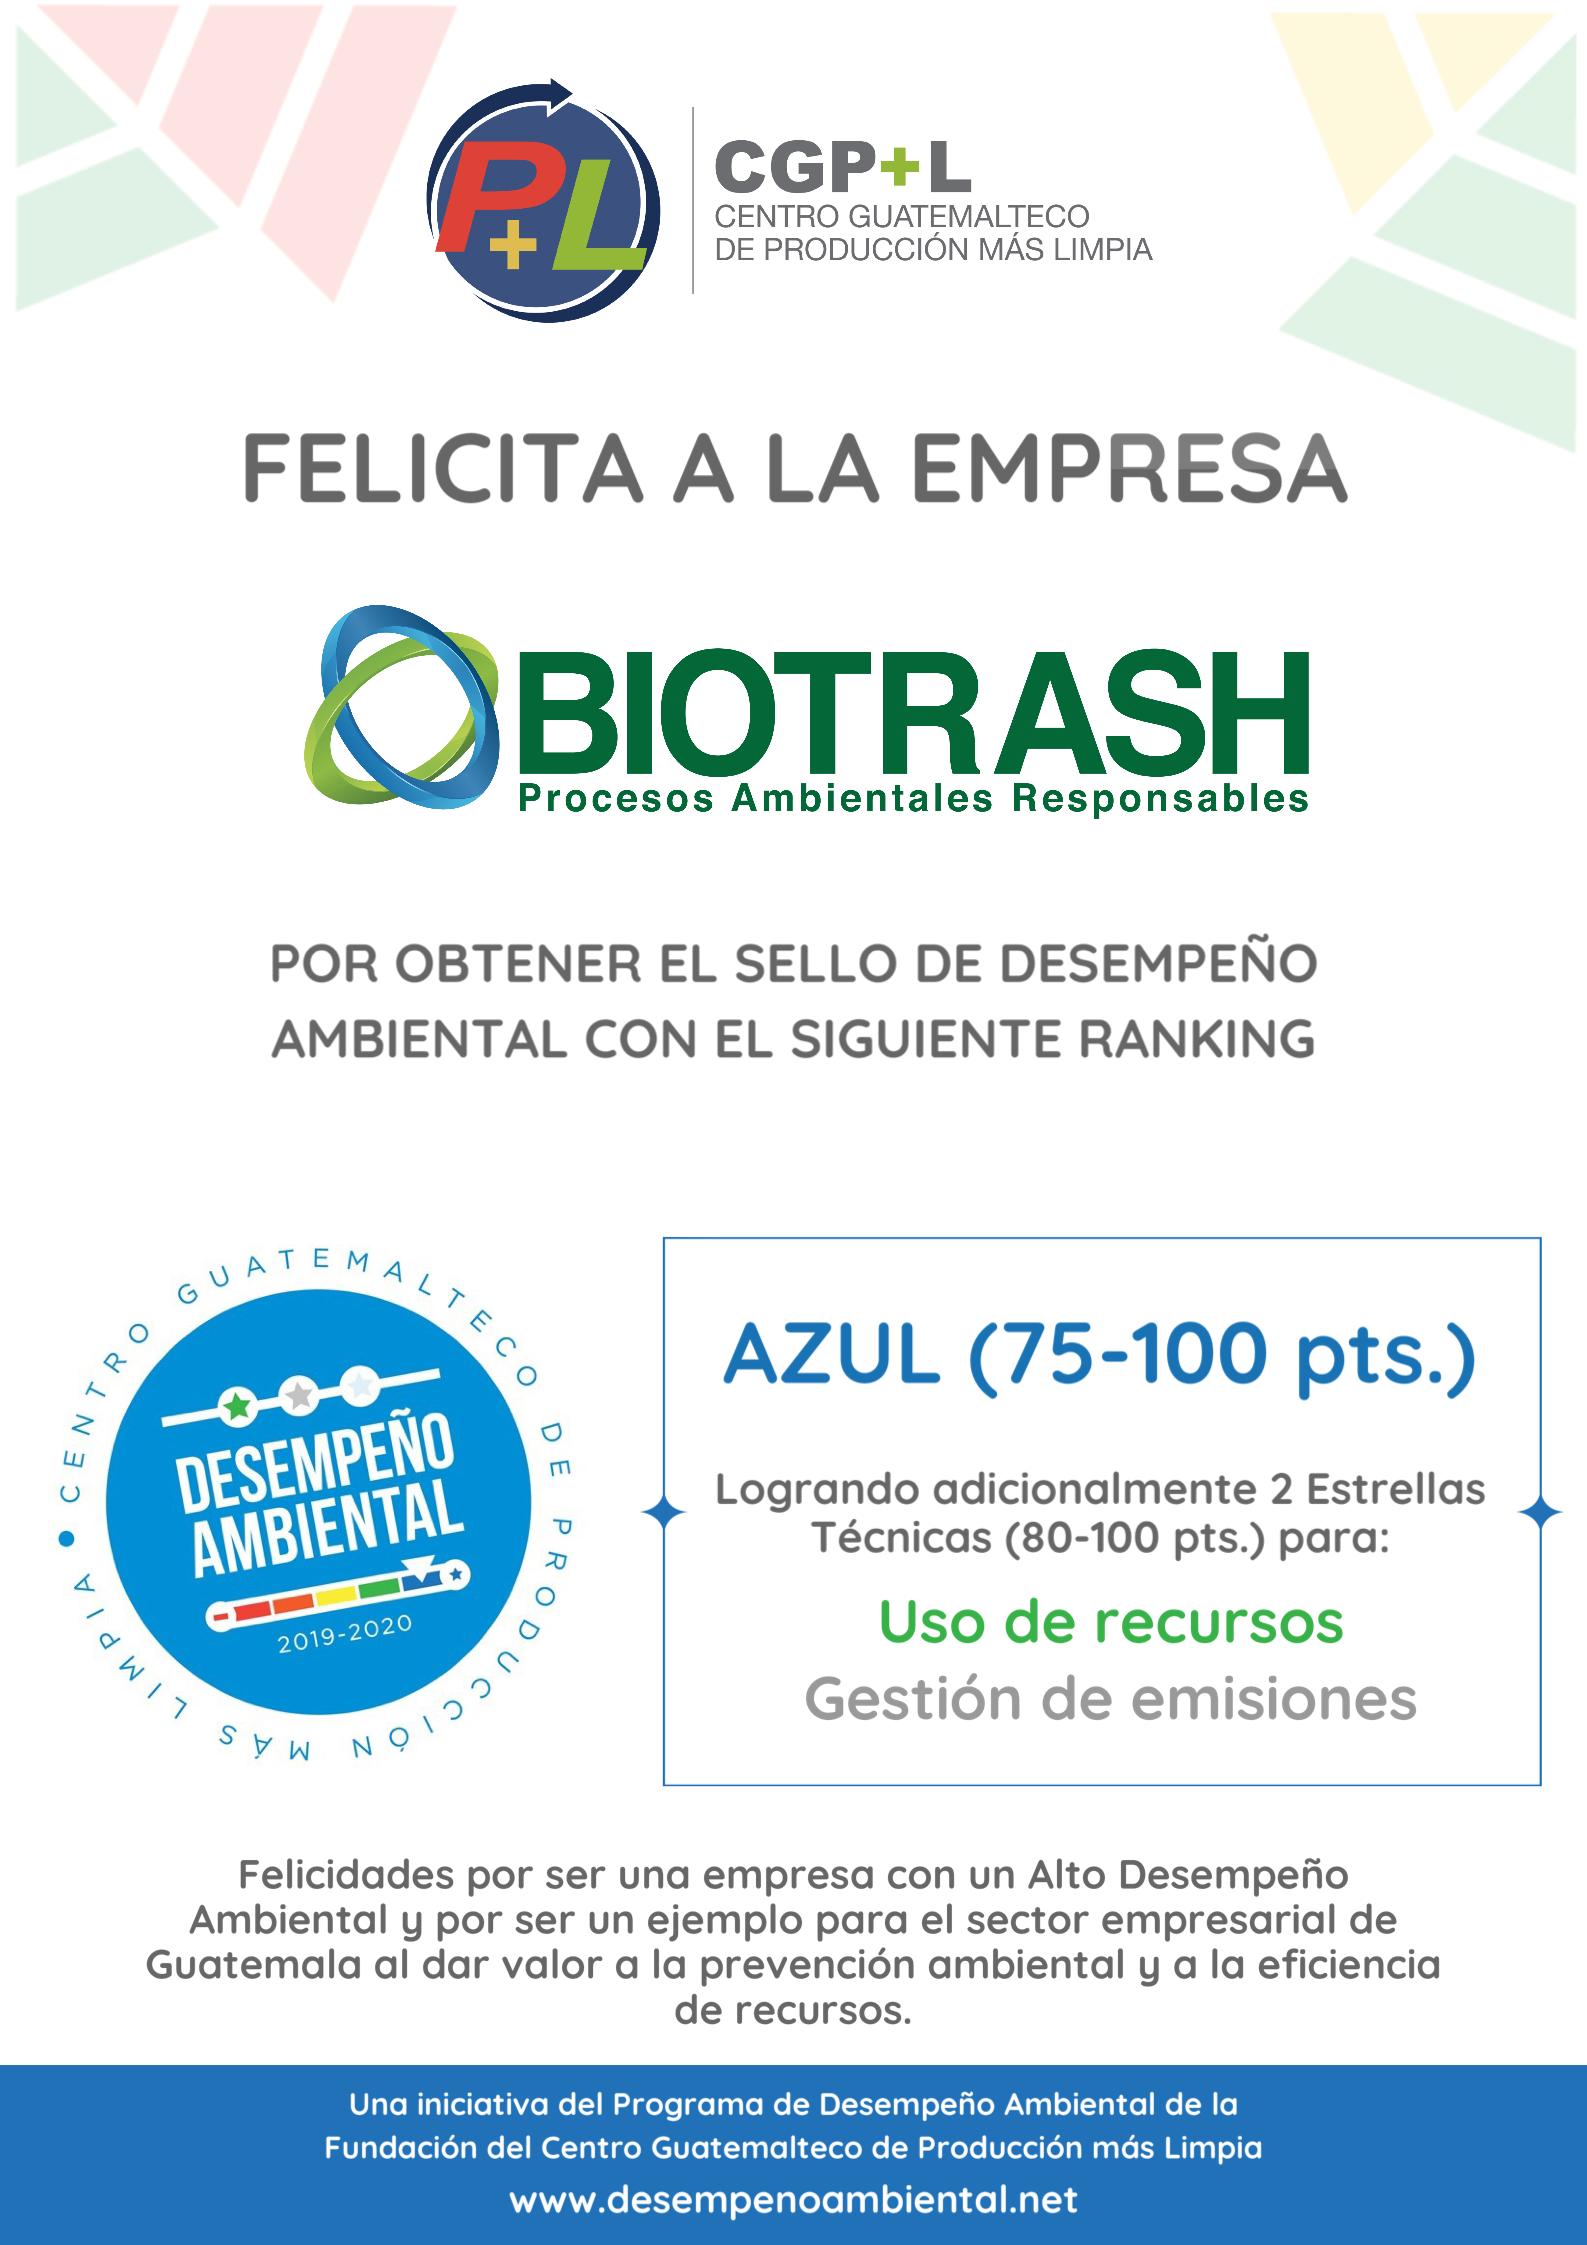 Biotrash Ha Obtenido El Sello De Desempeño Ambiental, ¡felicidades!